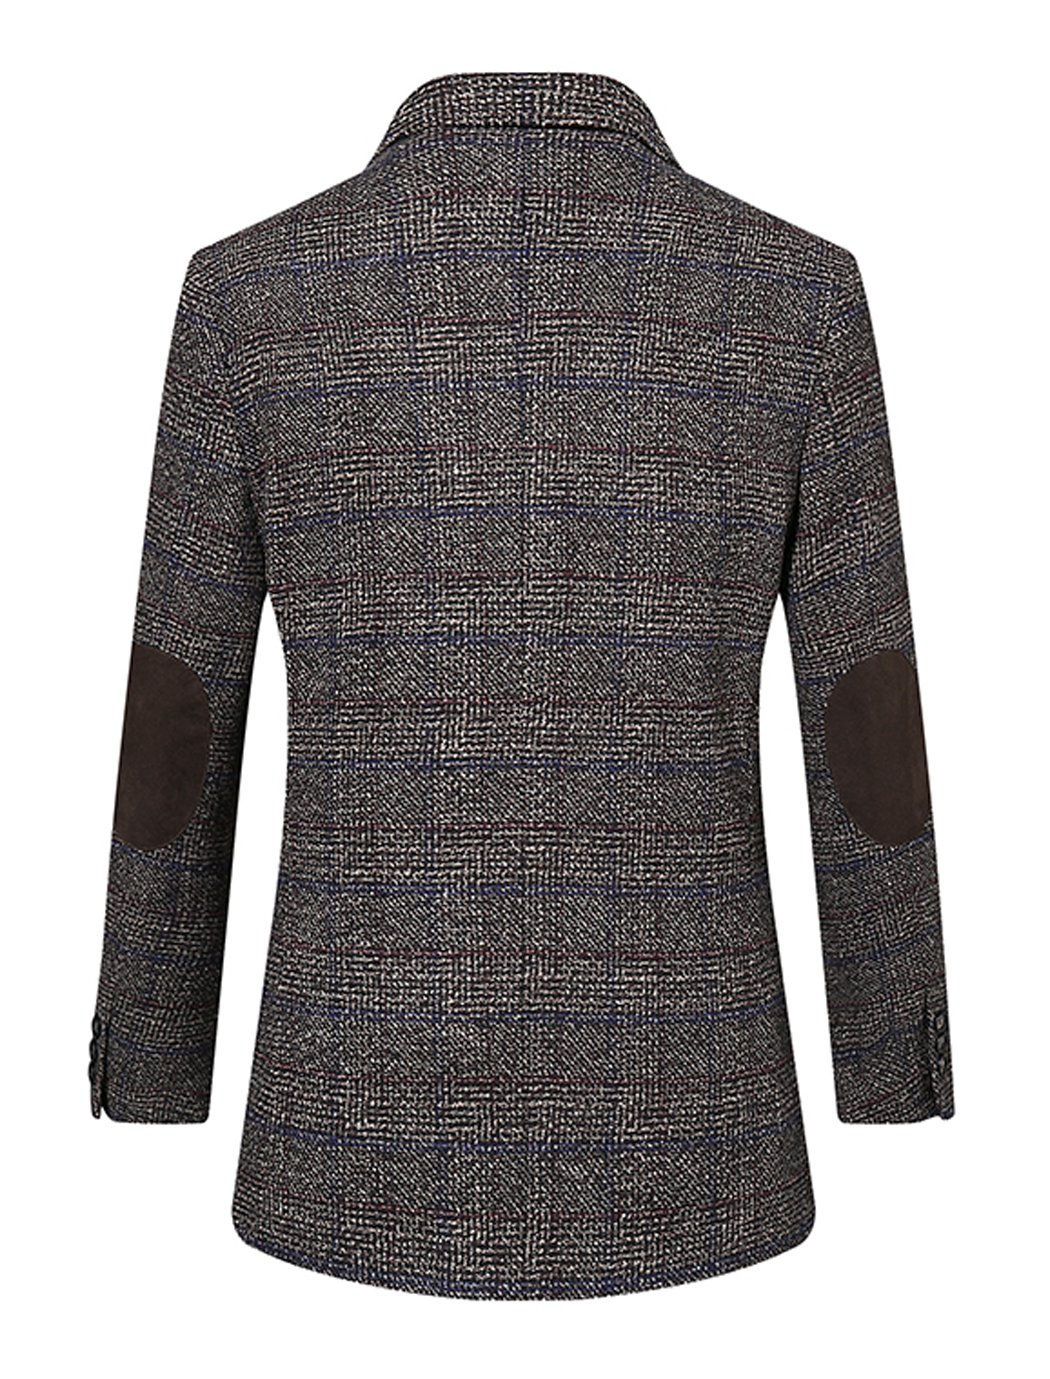 UNbox Mens Dress Casual Business Suit Two Button Slim Fit Suit Khaki XL by UNbox (Image #4)